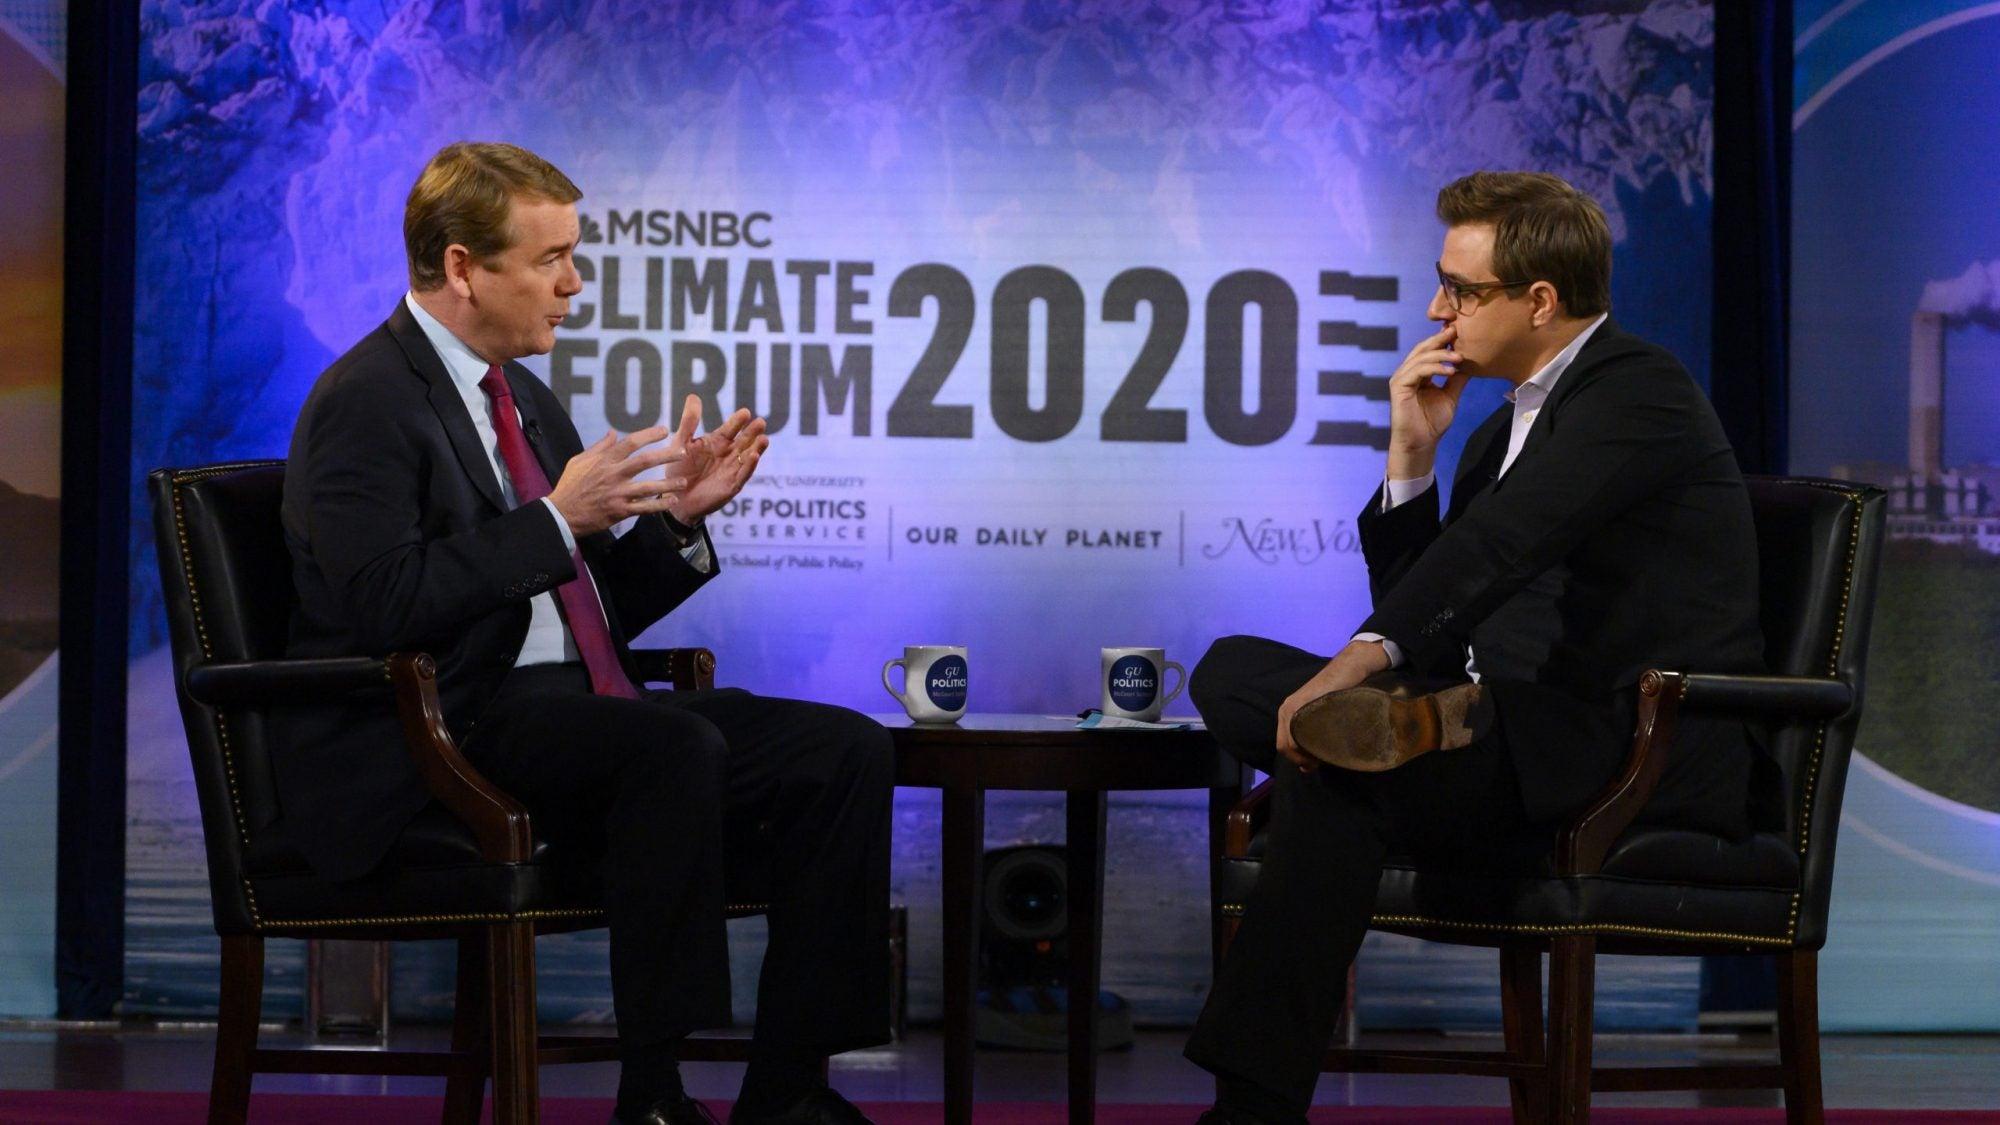 Climate Forum - Michael Bennet